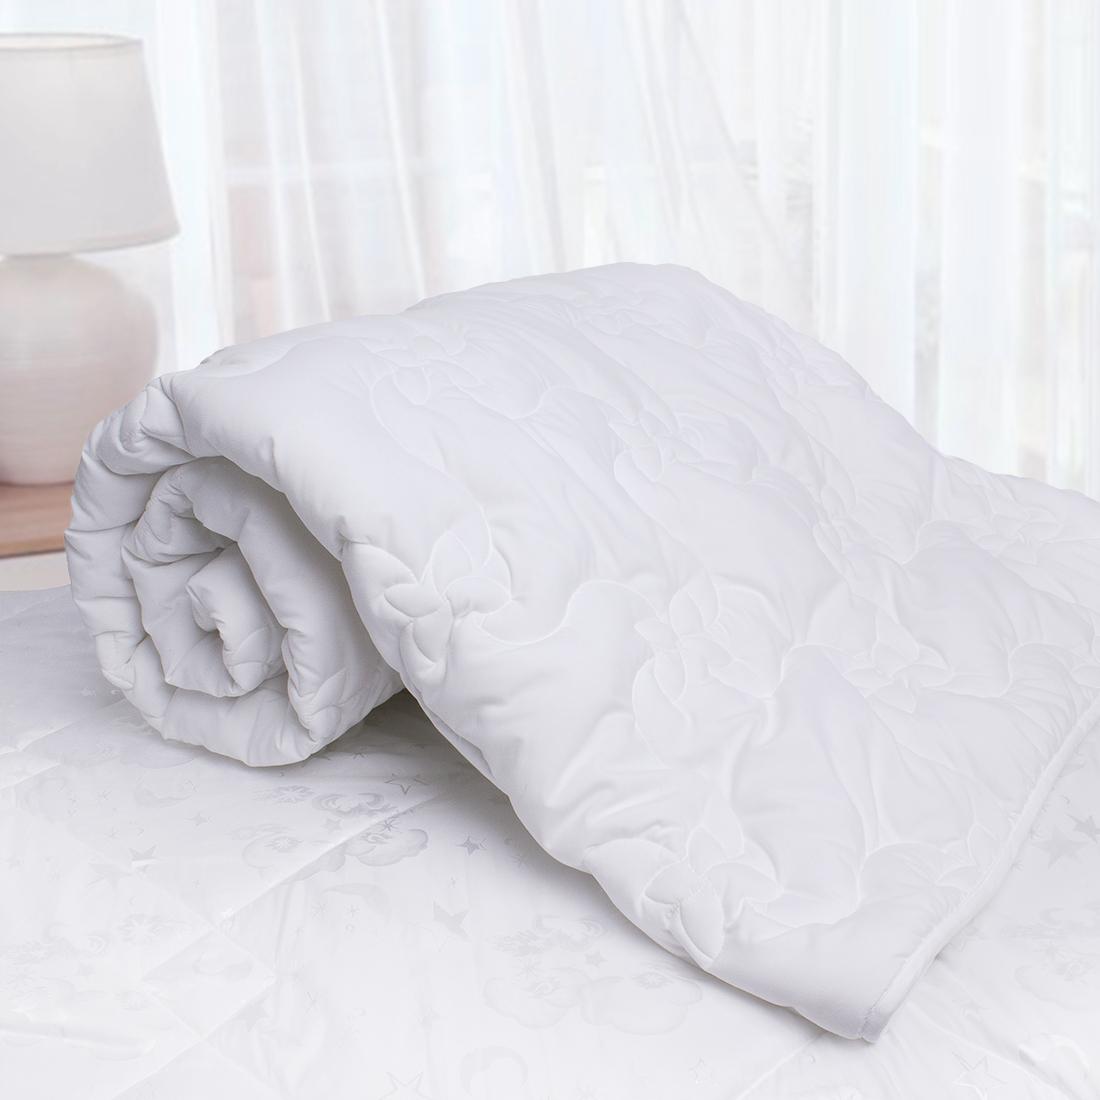 Одеяло «Sleep iX» изготовлено из силиконизированного волокна, полученного из тонких волокон полиэфира, обработанных силиконом. SilkDown - это наполнитель, по своим свойствам максимально приближенный к натуральному шелку. Он придает одеялу необычайную легкость и нежность, даря ощущение мягкого прикосновения лепестков роз.Материал чехла MicroSkin - это гладкая и шелковистая ткань с легким блеском, по своему виду не уступающая натуральному хлопку. Кант делают из атласа или вискозы, он помогает изделию держать форму в течение многих лет. Кант есть на многих объемных изделиях из текстиля, иногда его могут дополнительно прострочить по периметру или сделать широким.Такое одеяло очень хорошо сохраняет тепло, приятно на ощупь, прочно и устойчиво к стирке.